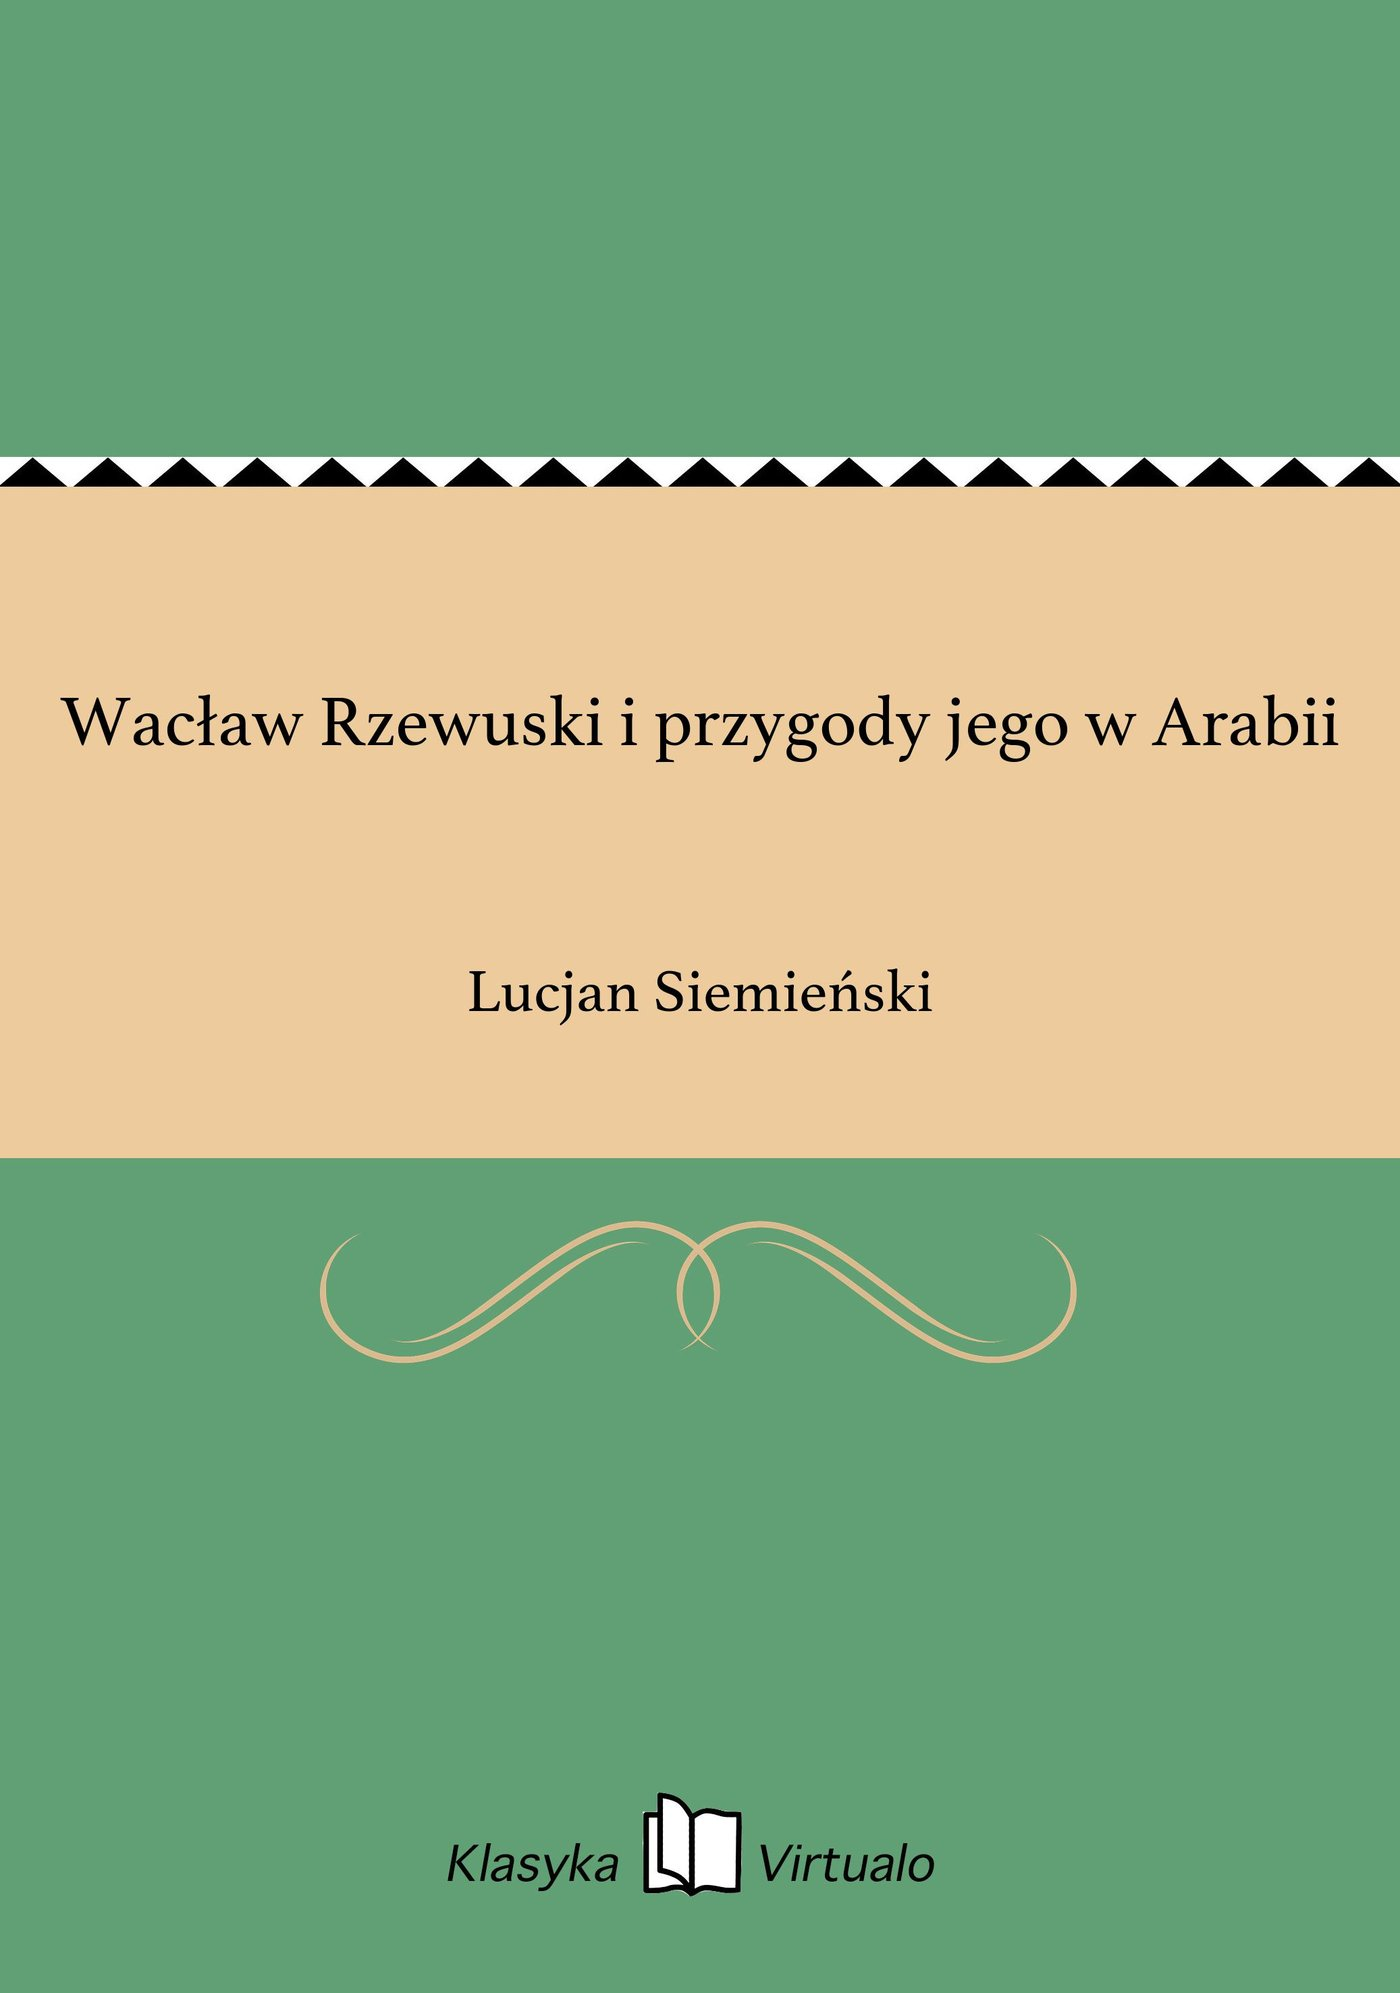 Wacław Rzewuski i przygody jego w Arabii - Ebook (Książka na Kindle) do pobrania w formacie MOBI